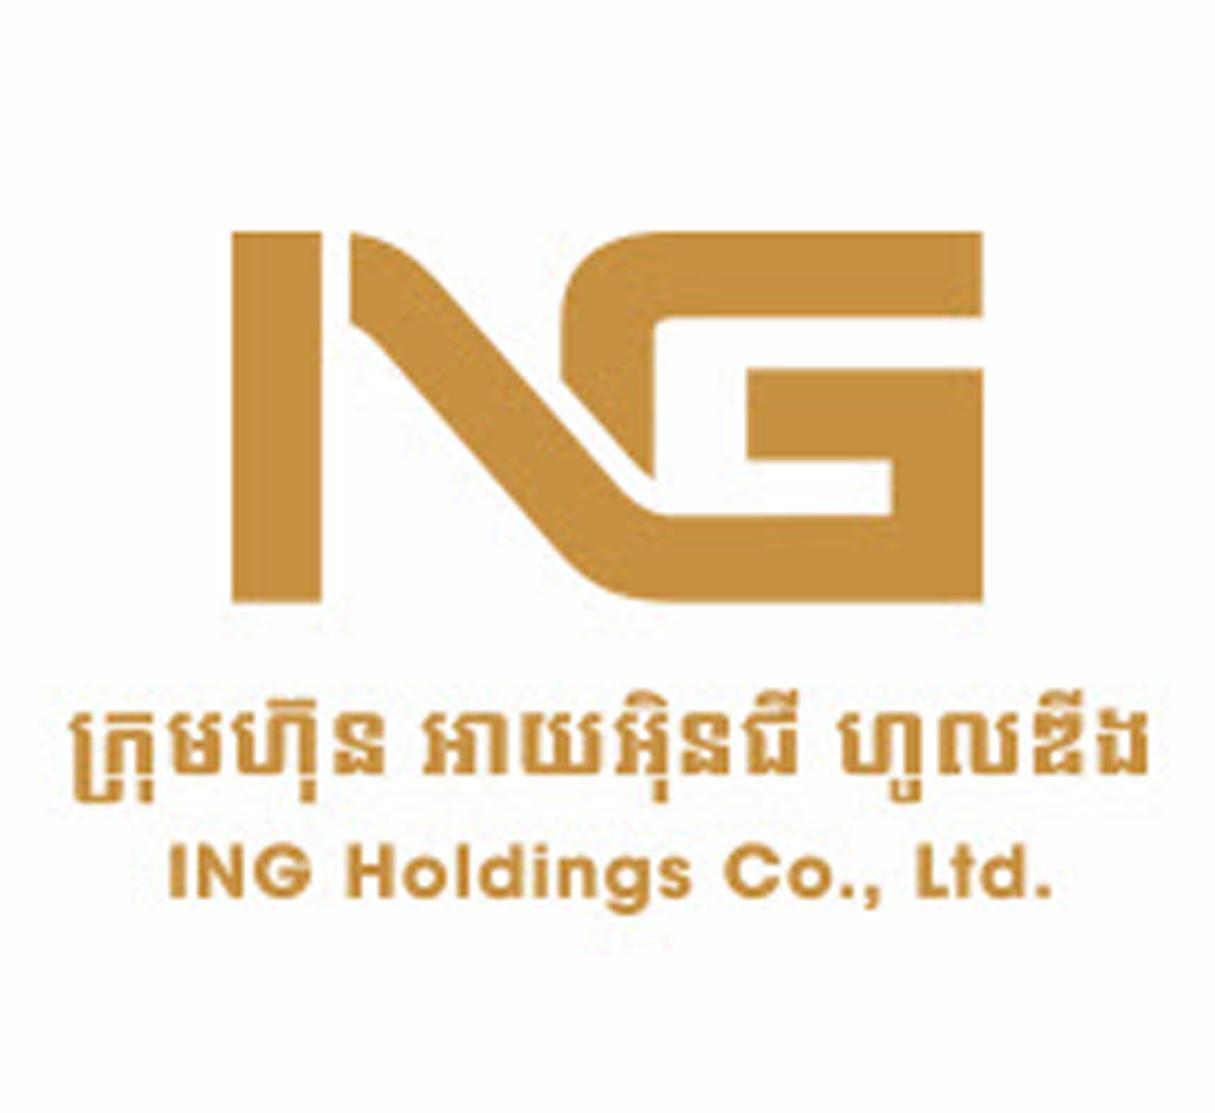 ING HOLDING